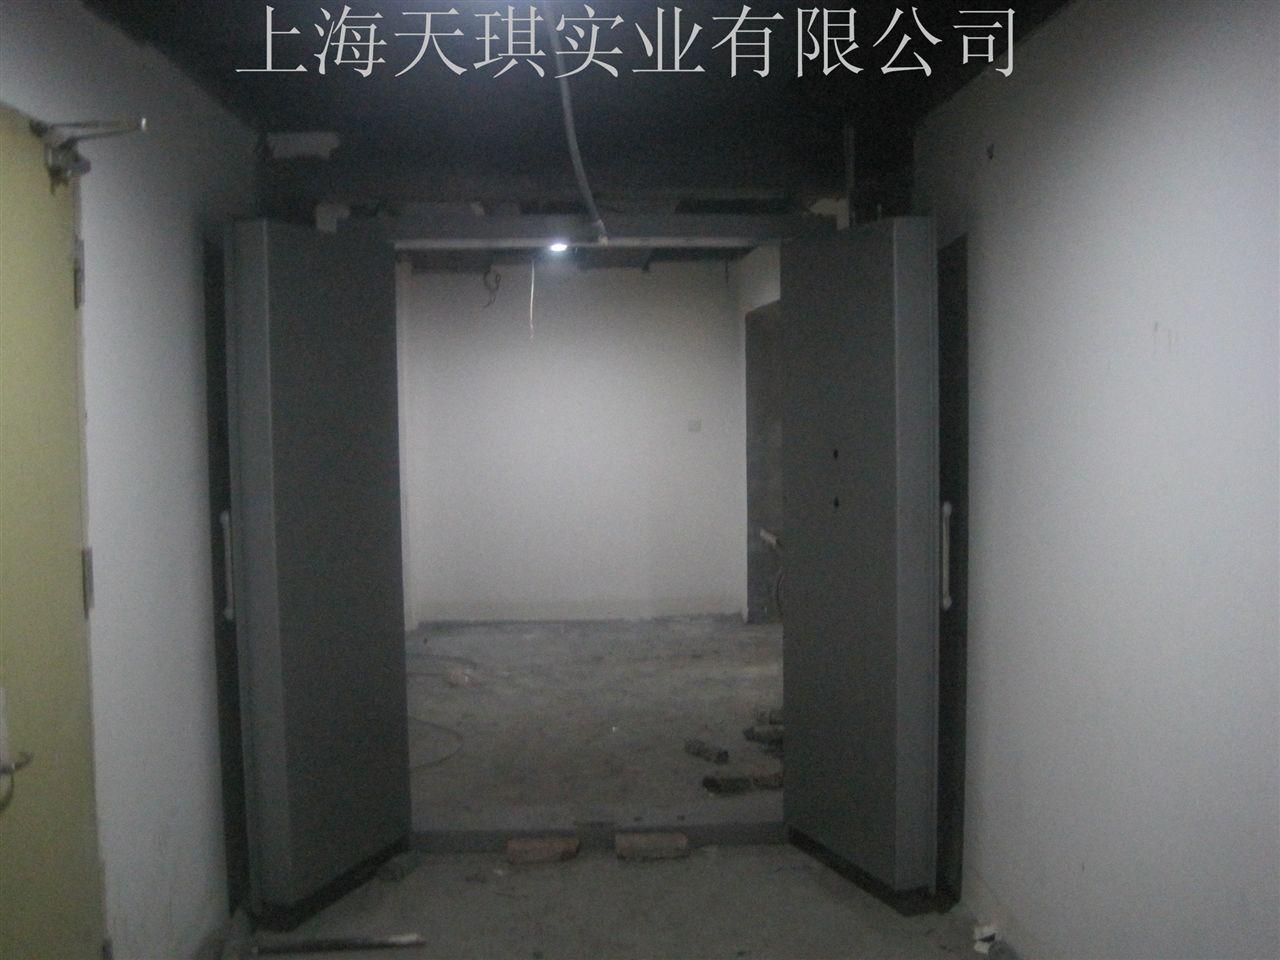 宜昌JKM-1020移动金库门